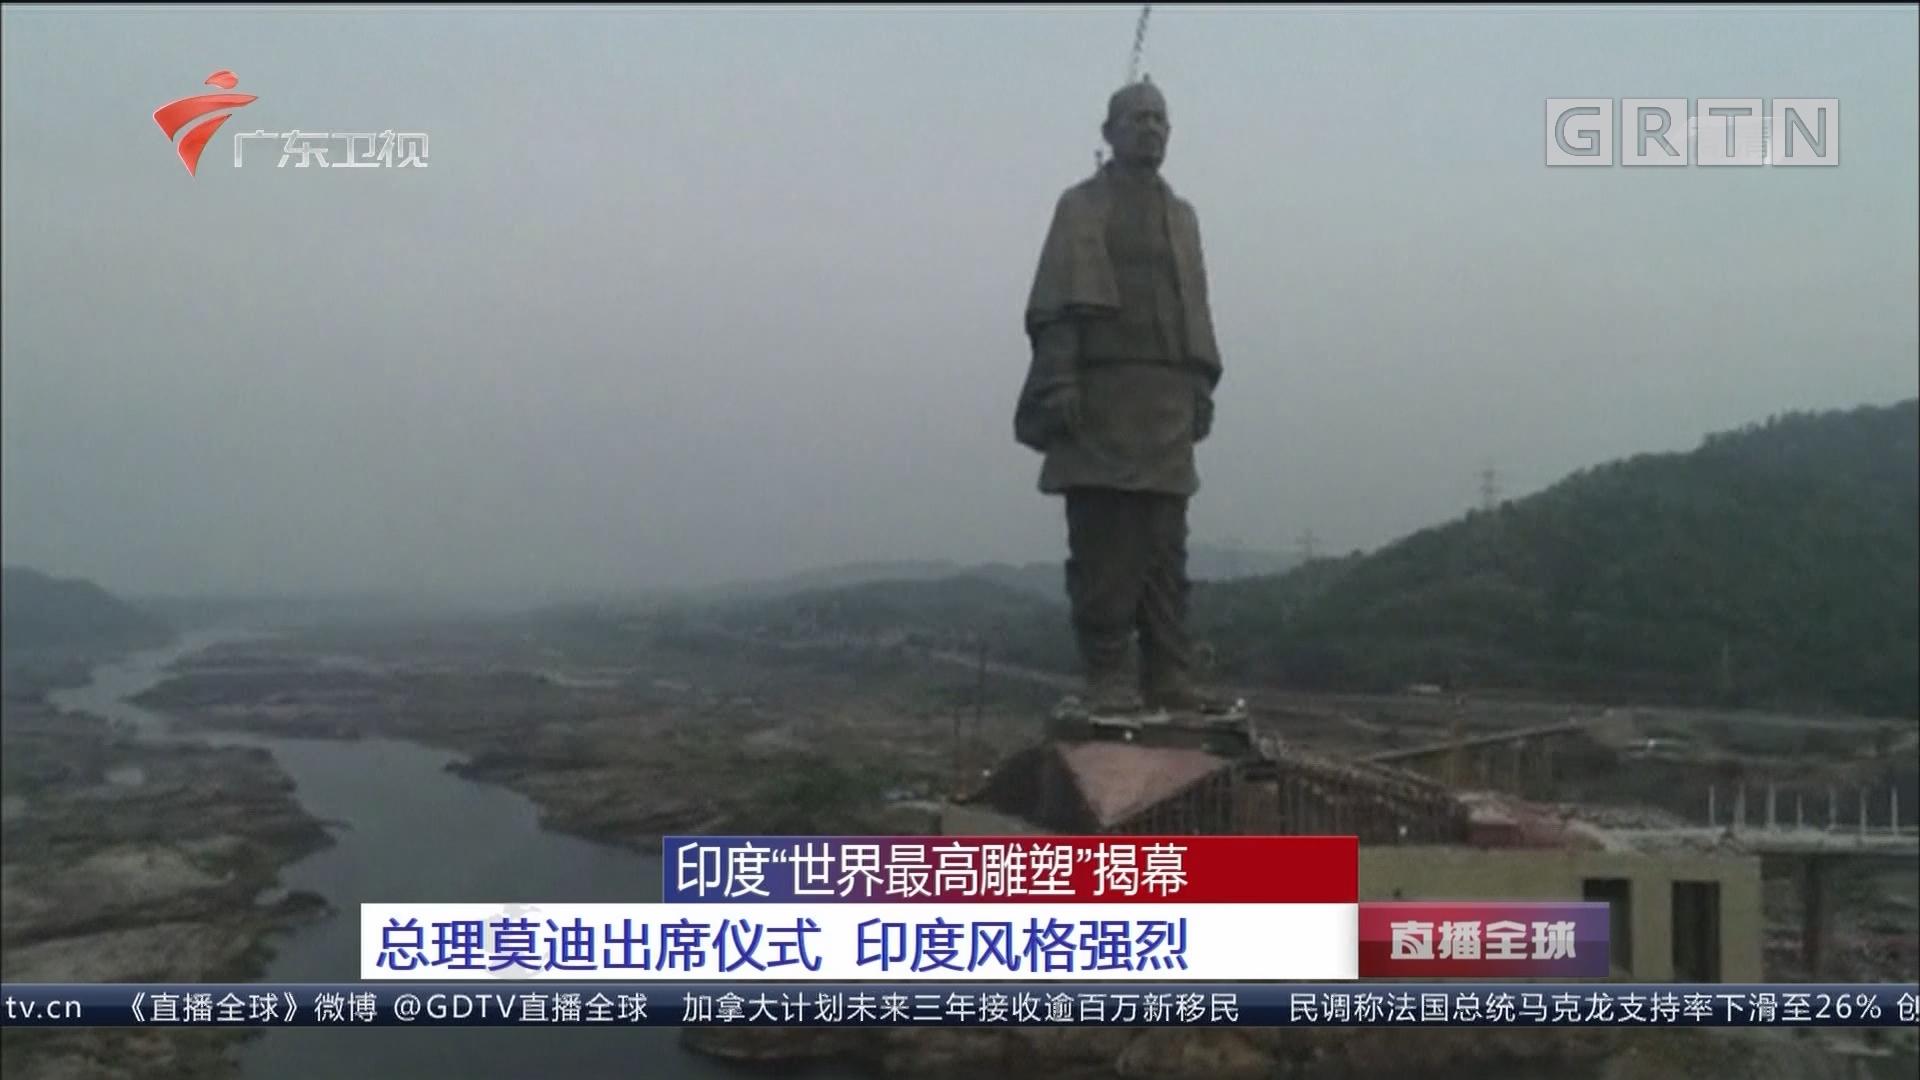 """印度""""世界最高雕塑""""揭幕:总理莫迪出席仪式 印度风格强烈"""